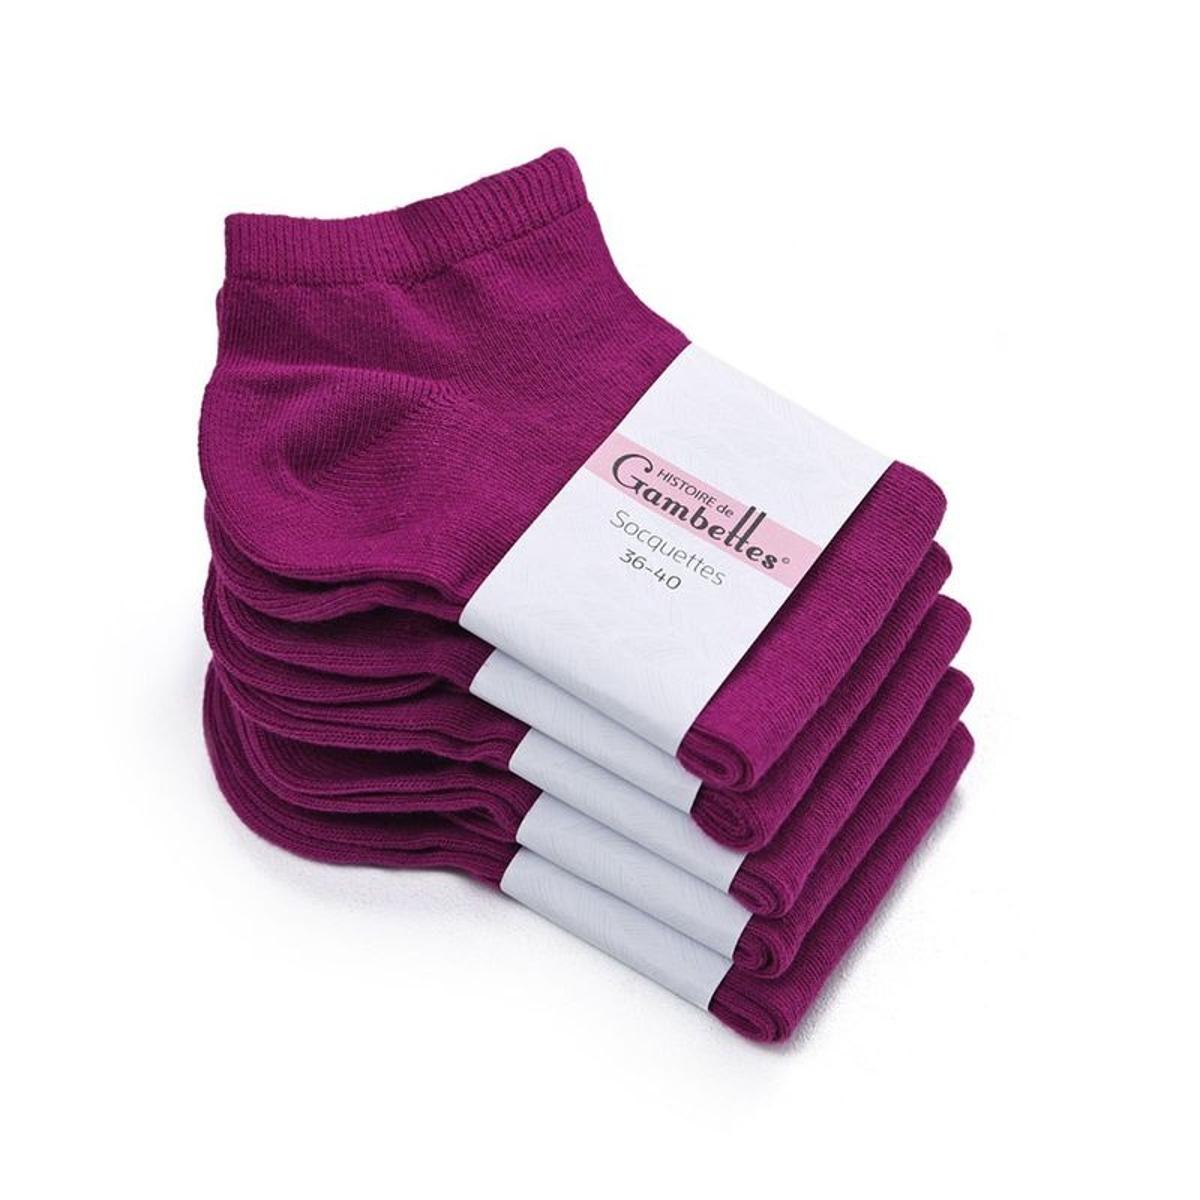 Socquettes Femme coton Prune (Lot de 5) - Fabriqué en europe